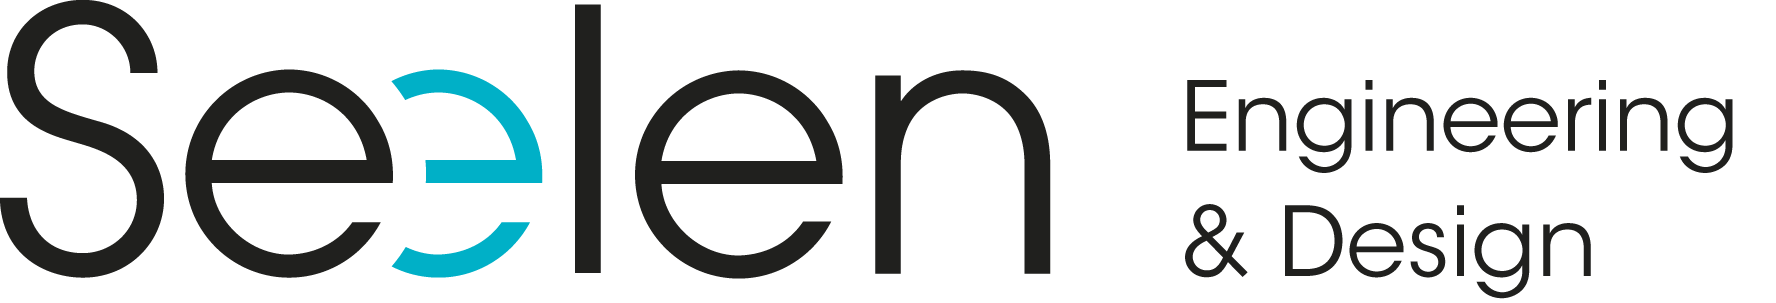 Seelen Engineering & Design